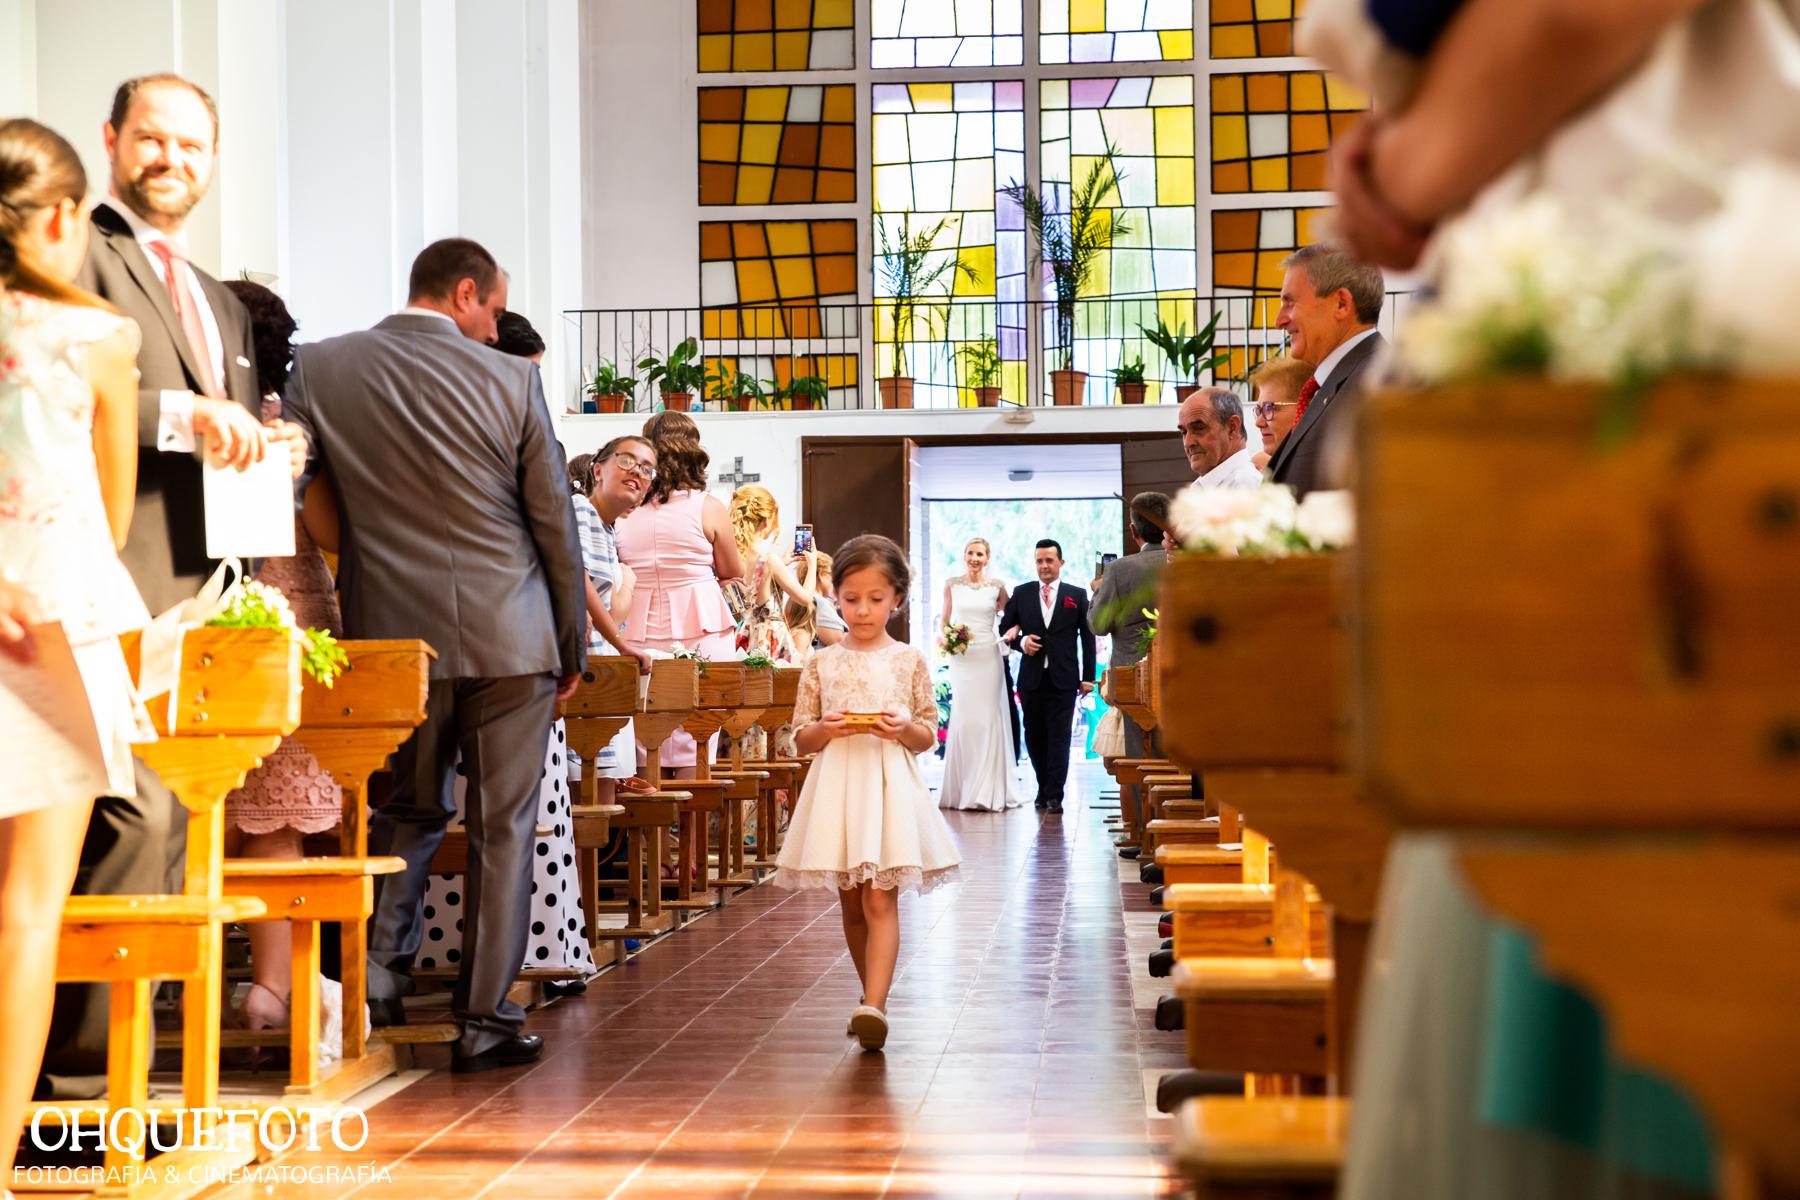 boda en la peraleda boda en cabeza del buey boda en capilla reportaje de bodas en almaden video de bodas en cordoba449 - Jose y Gema - Boda en Zarza Capilla y la Finca La Peraleda (Chillón)